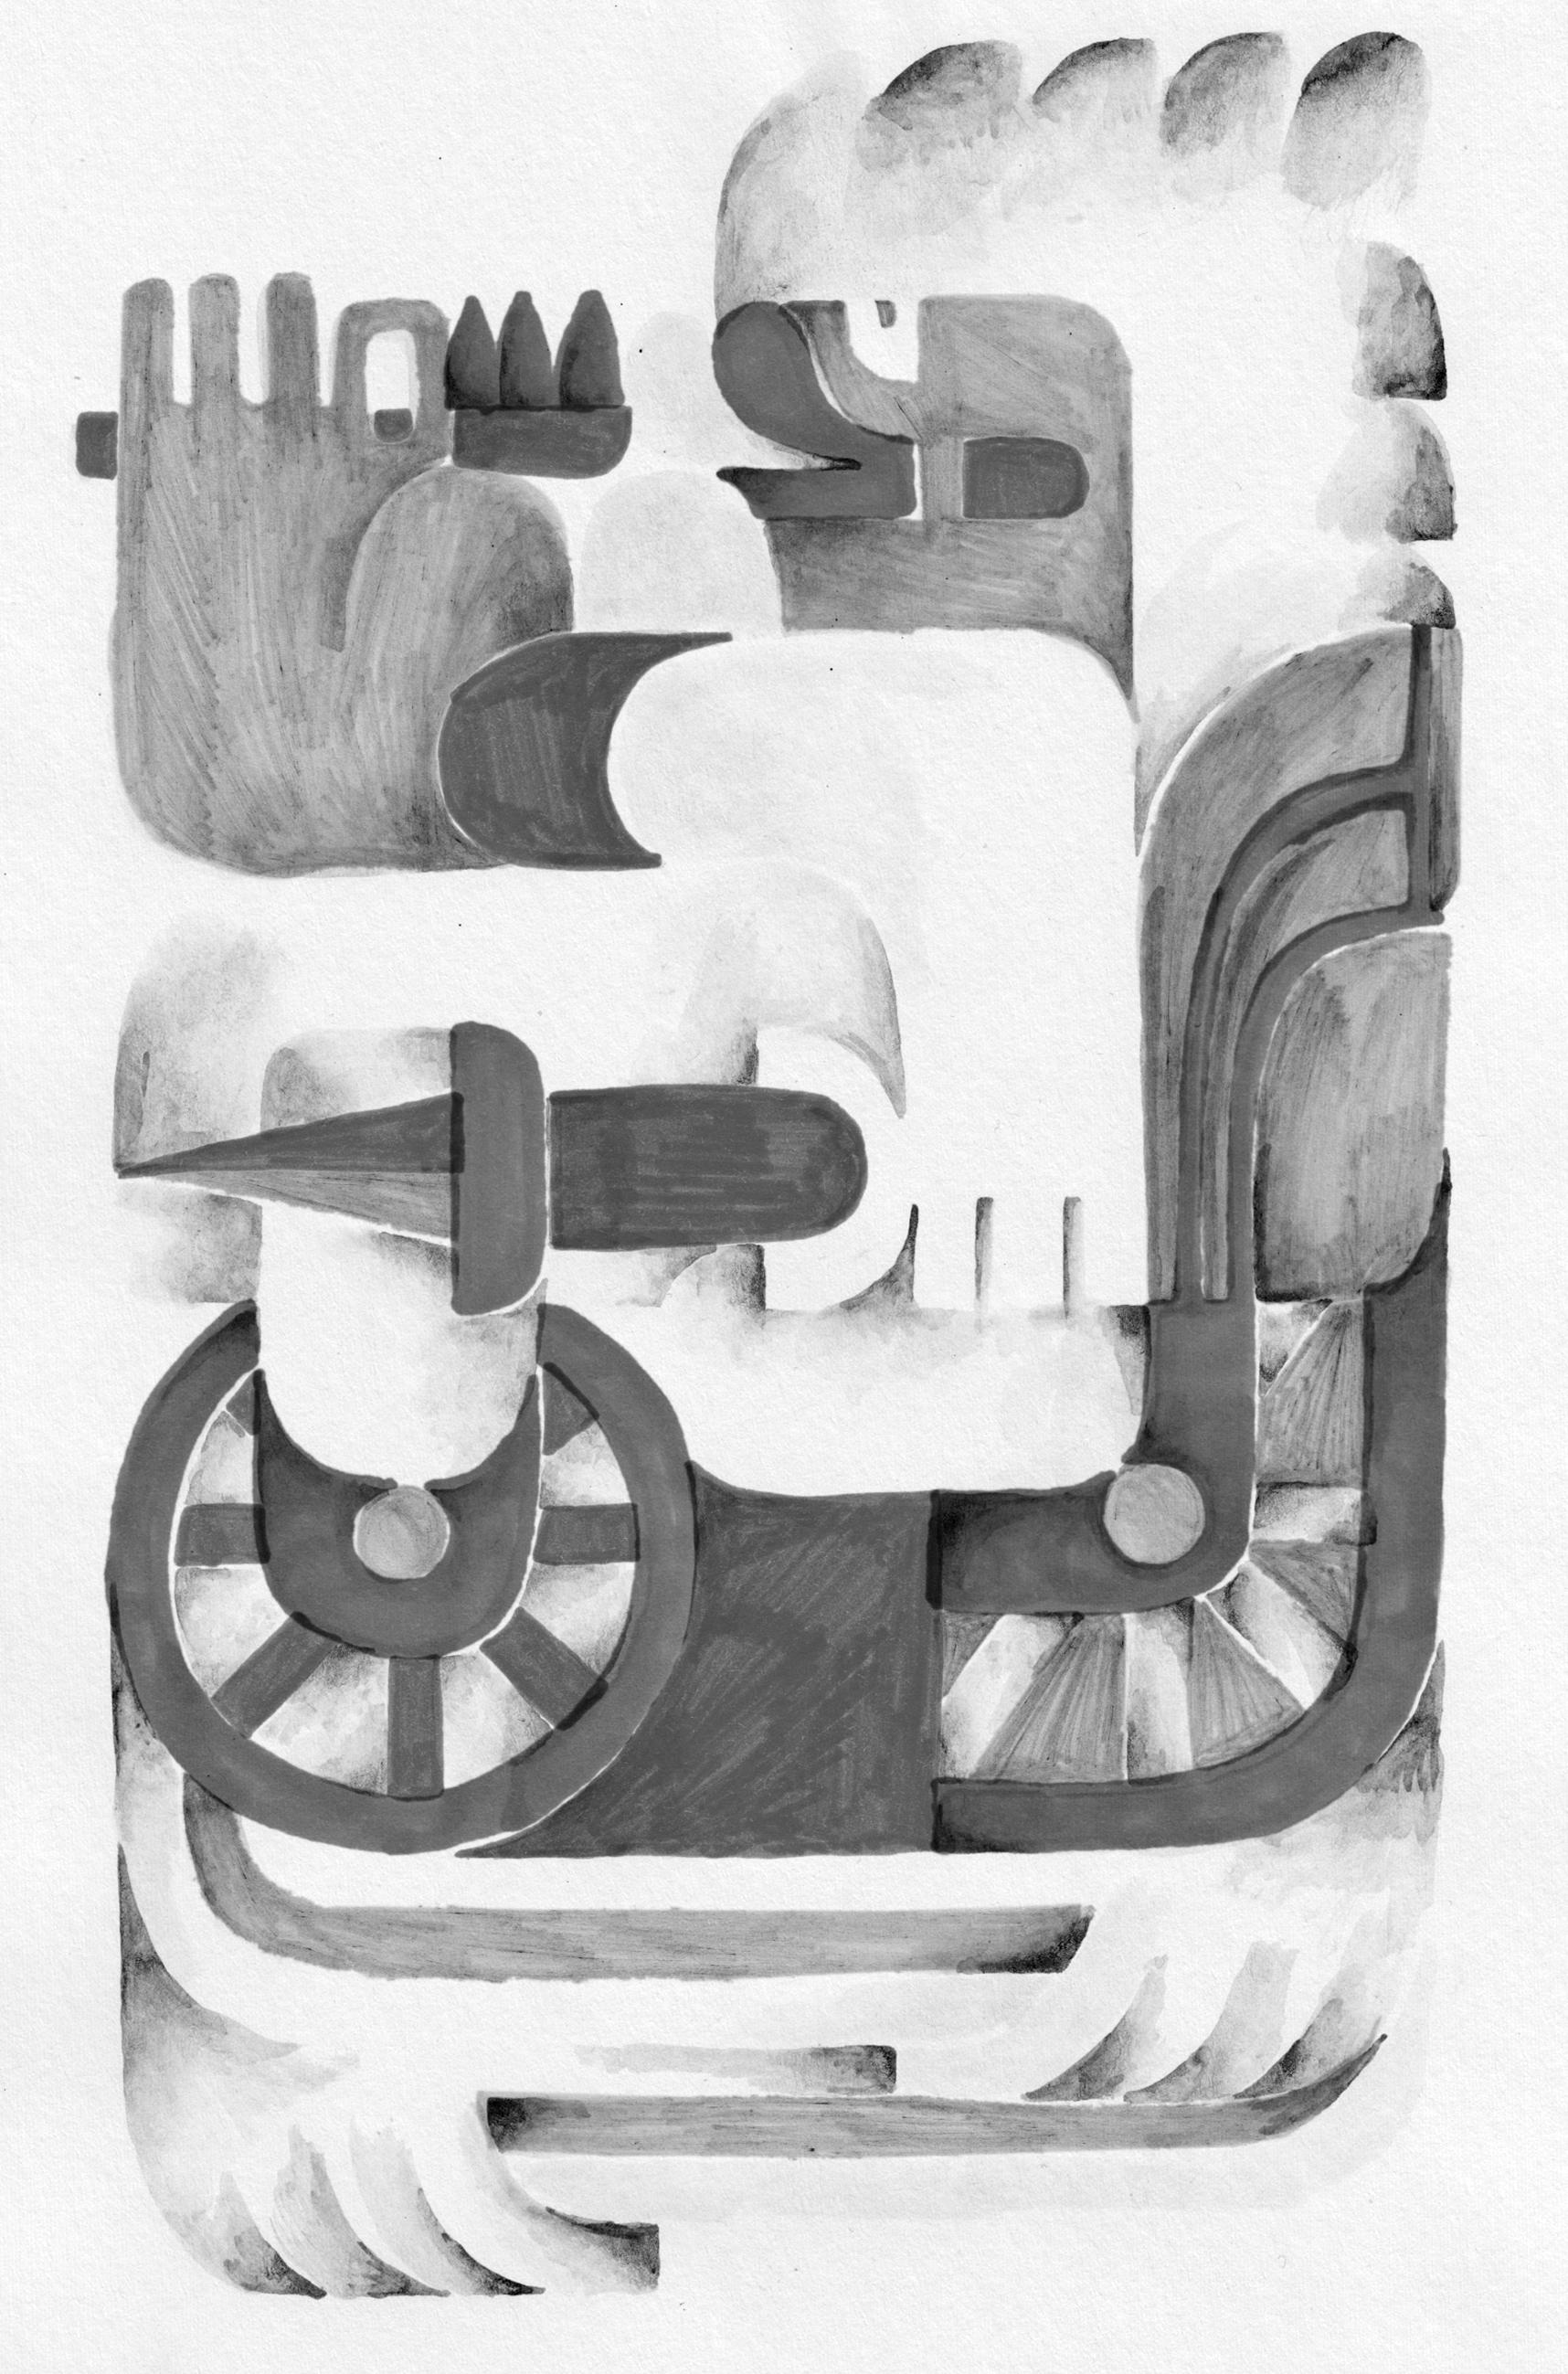 vagnen_sammansatt_svartvit.jpg